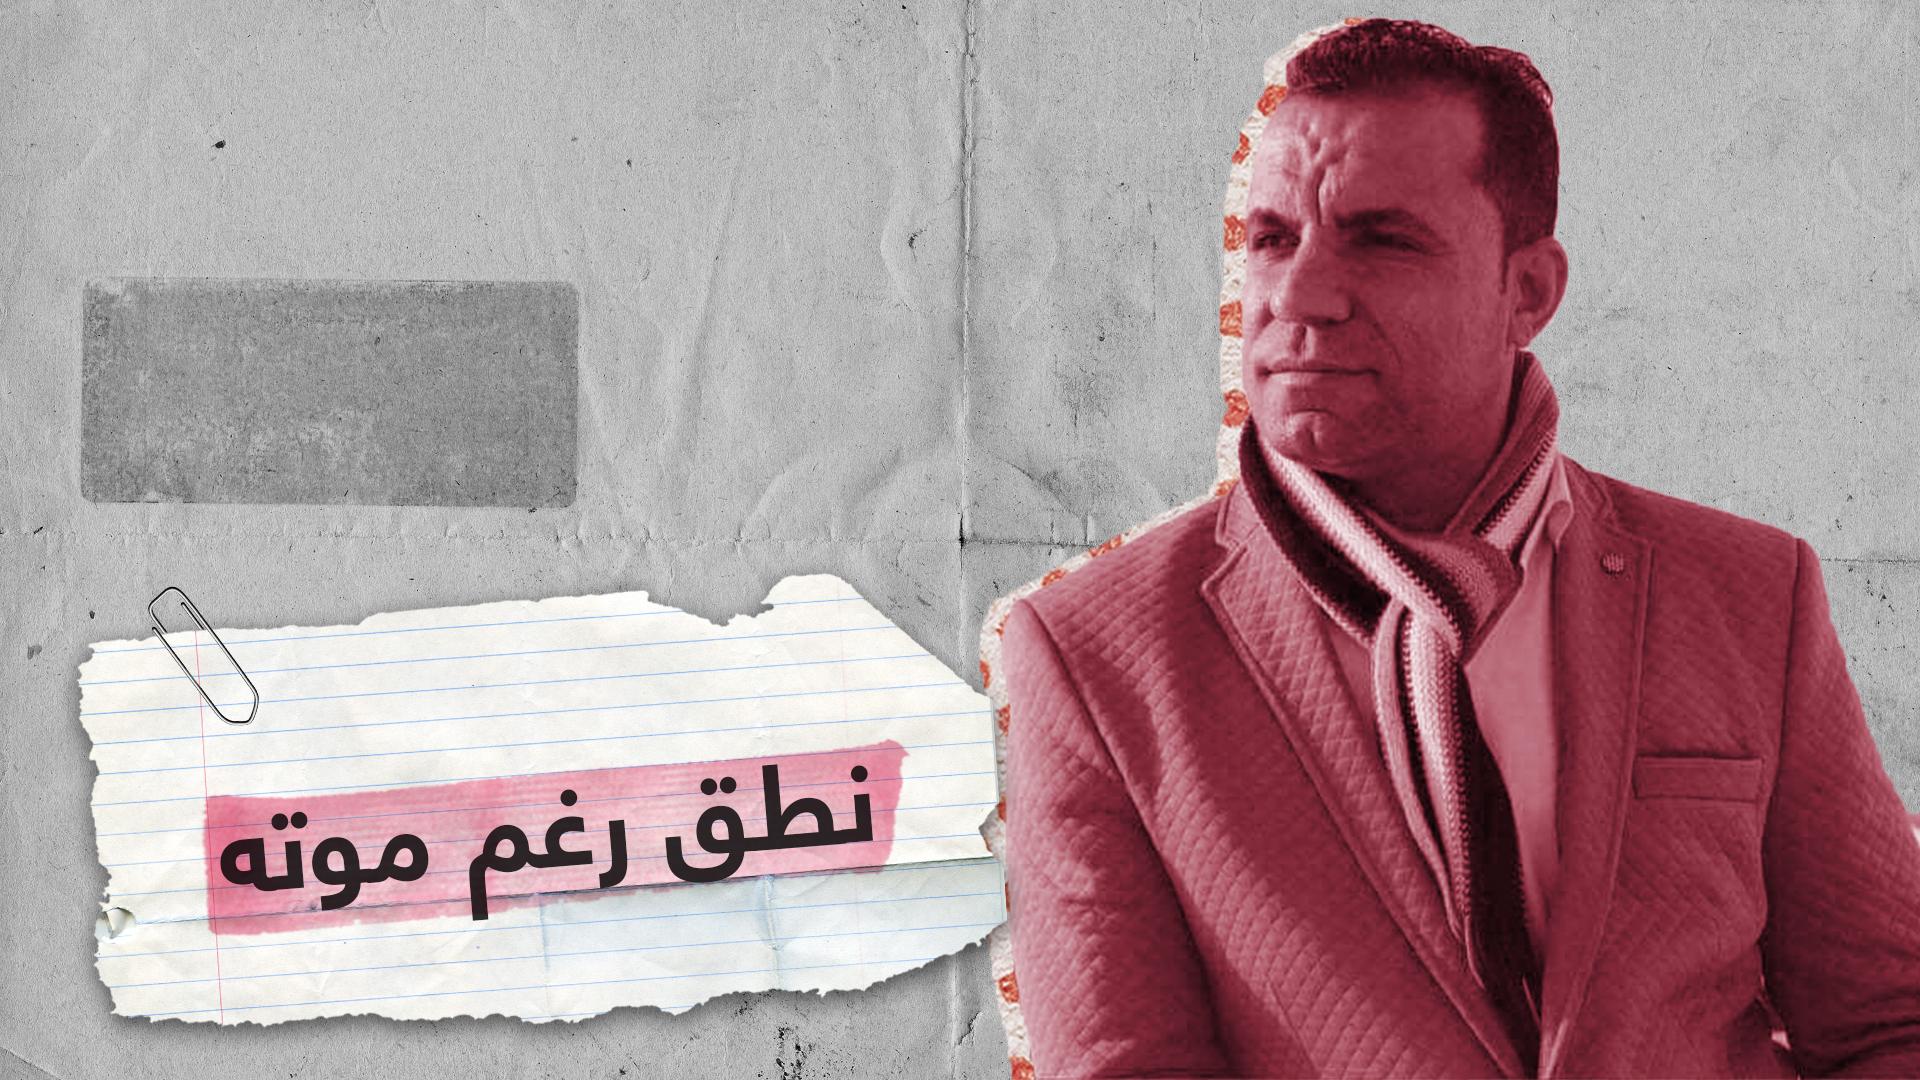 فيديو متداول للصحفي العراقي الذي قتله مجهولون  في البصرة رفقة مصور متعاقد مع وكالة رابتلي